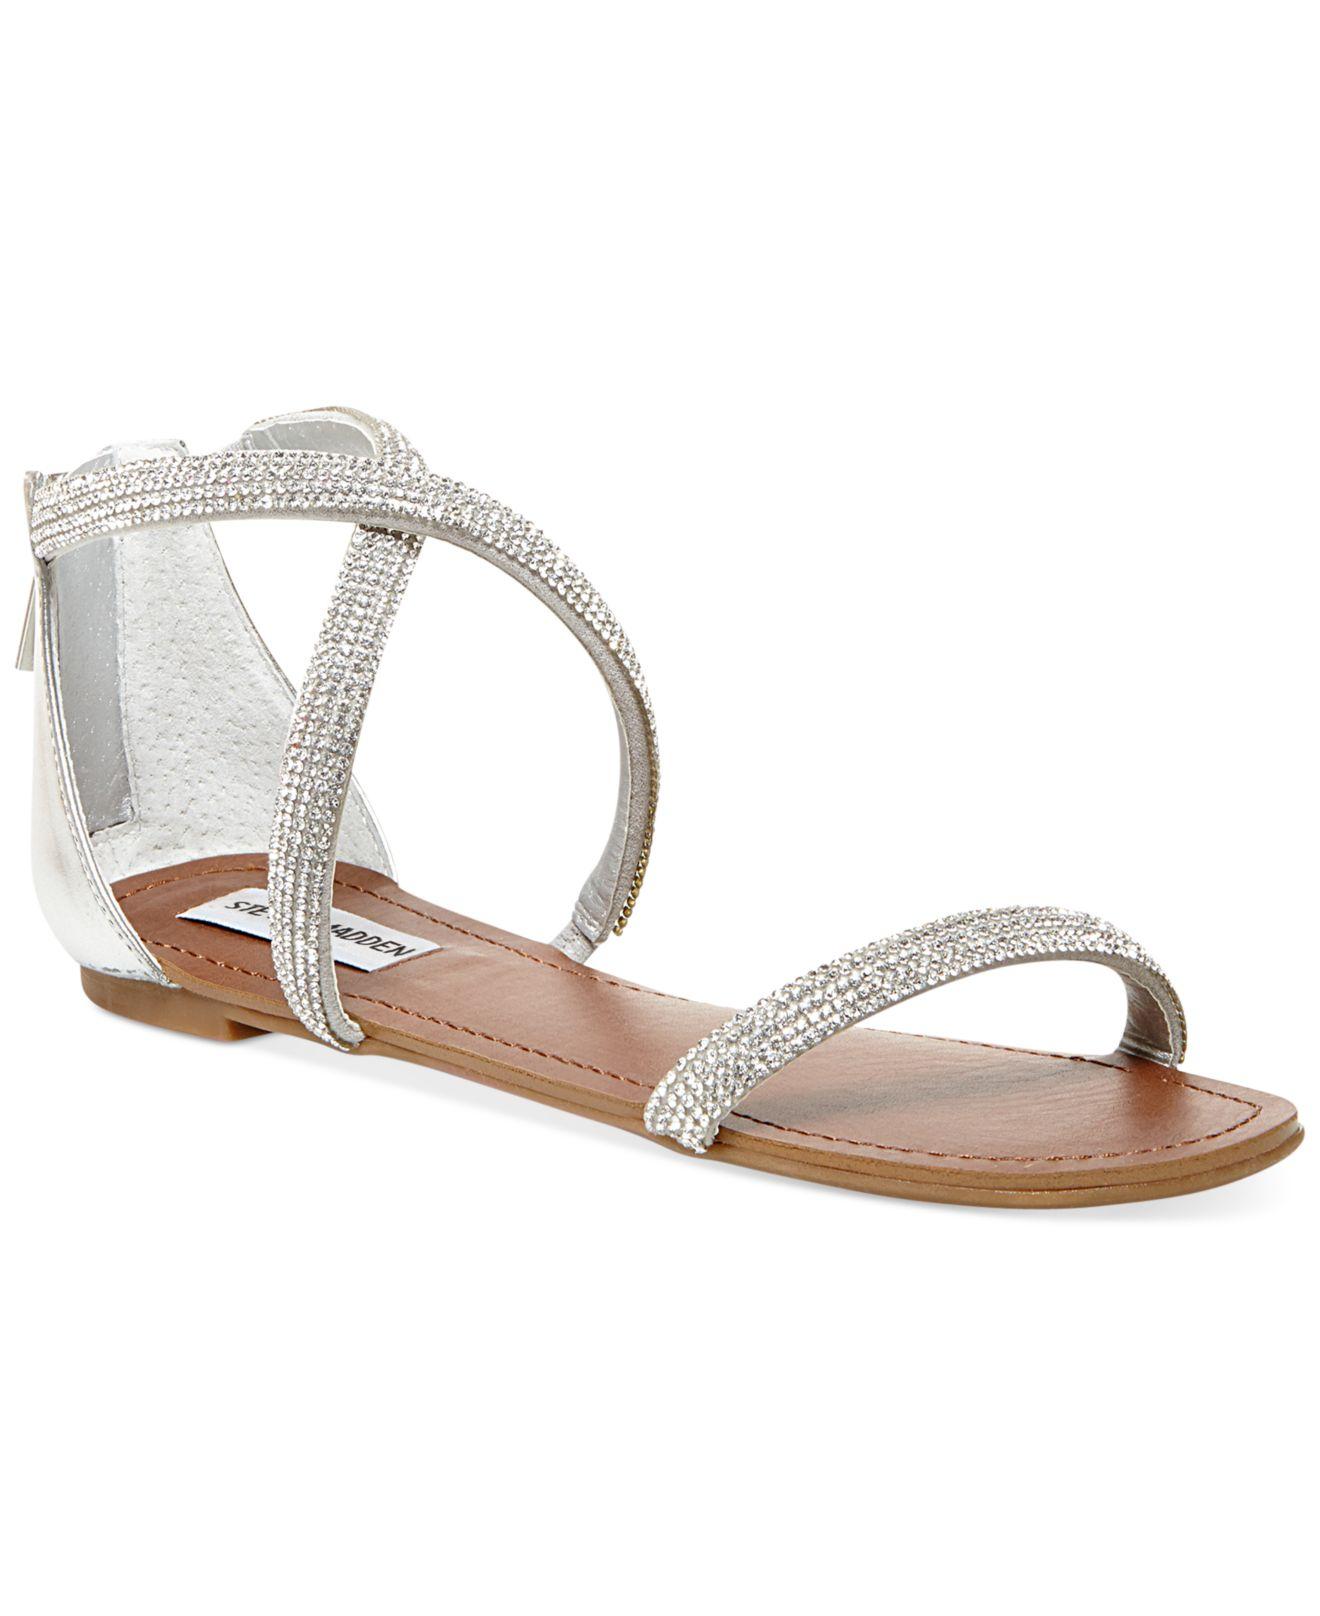 Lyst - Steve Madden Zsaza Bling Flat Sandals in Metallic